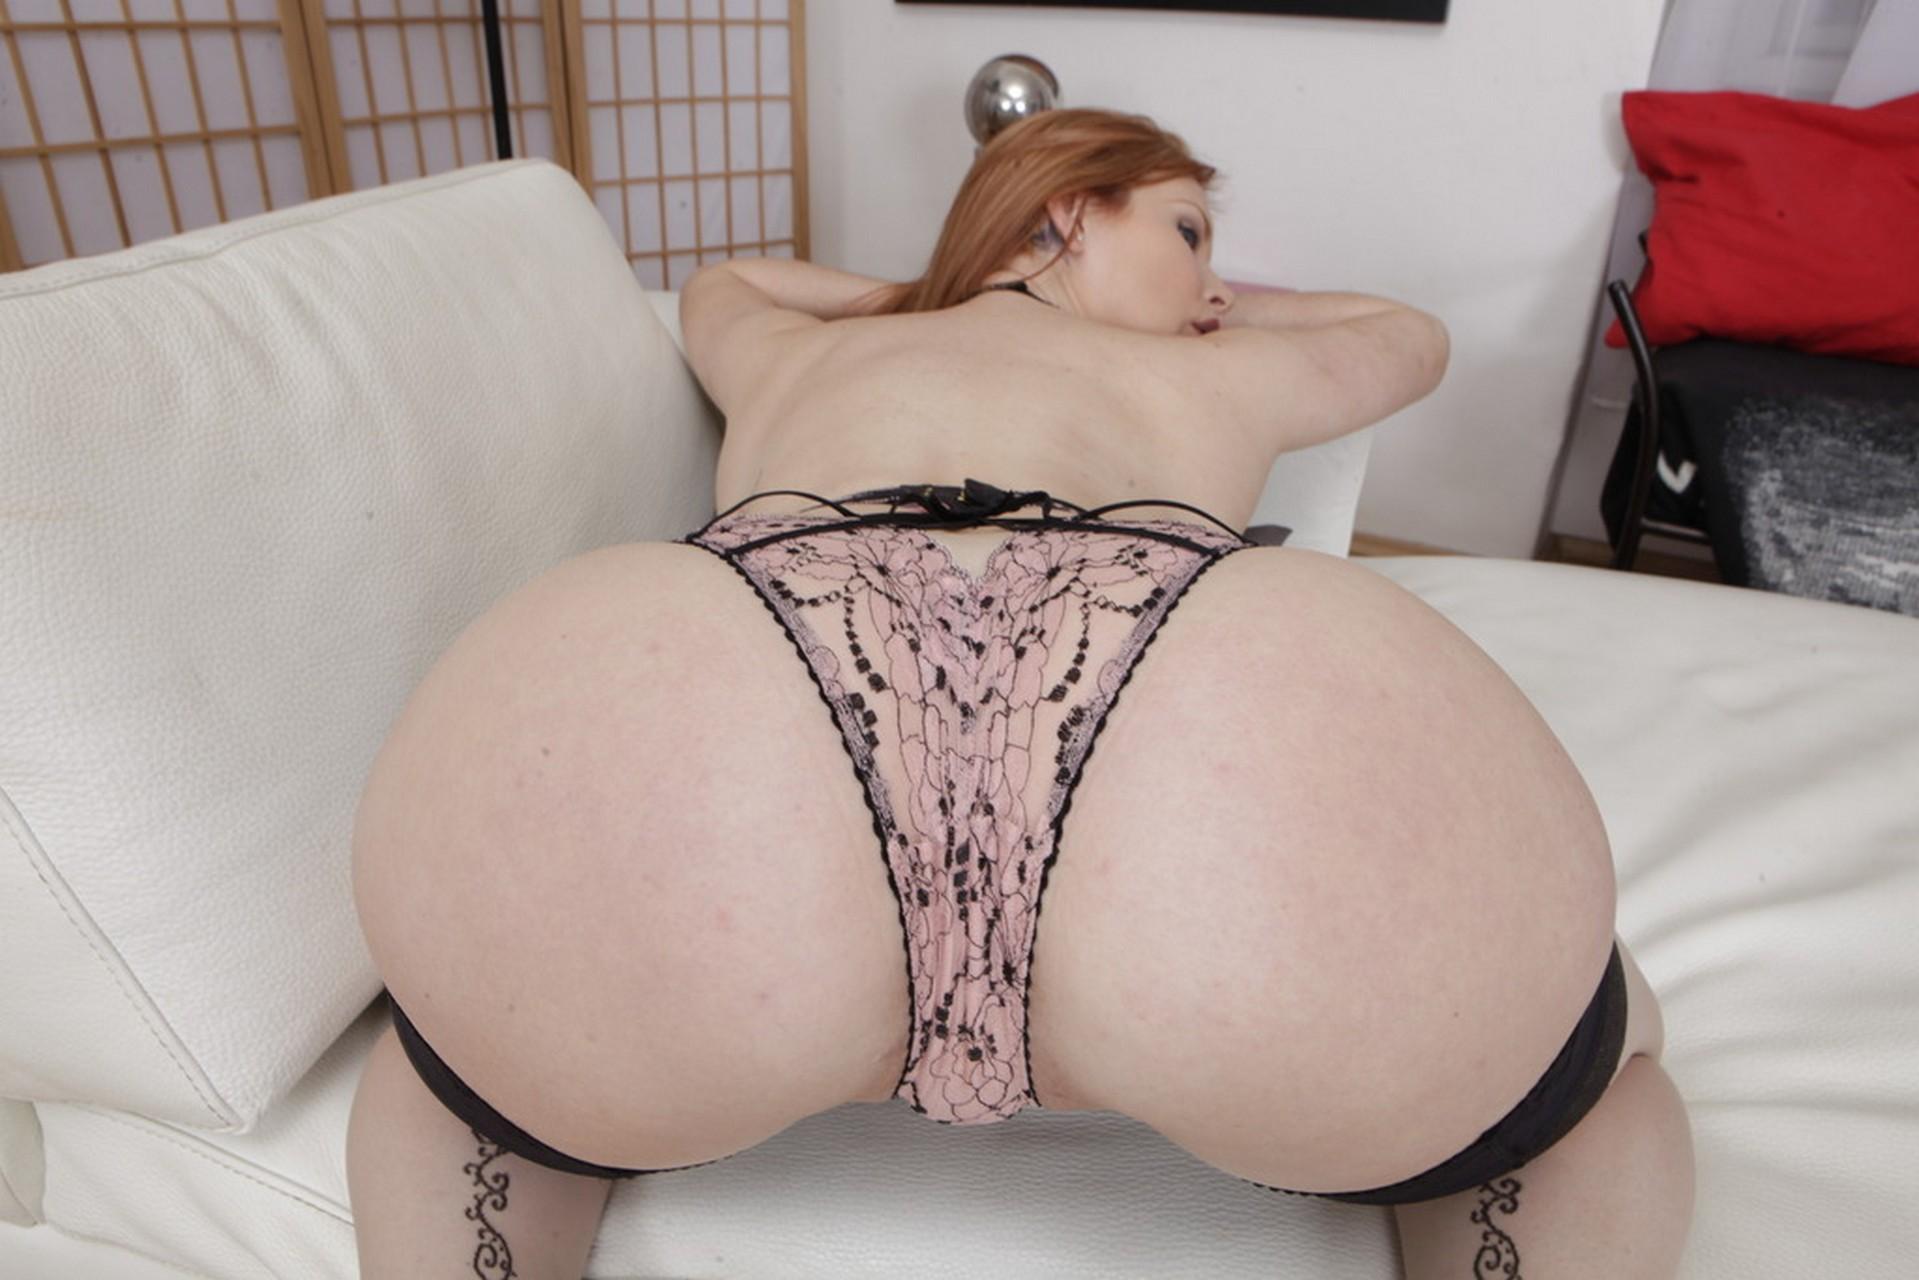 Pelirroja Latina Con Enorme Juguete - Videos Porno